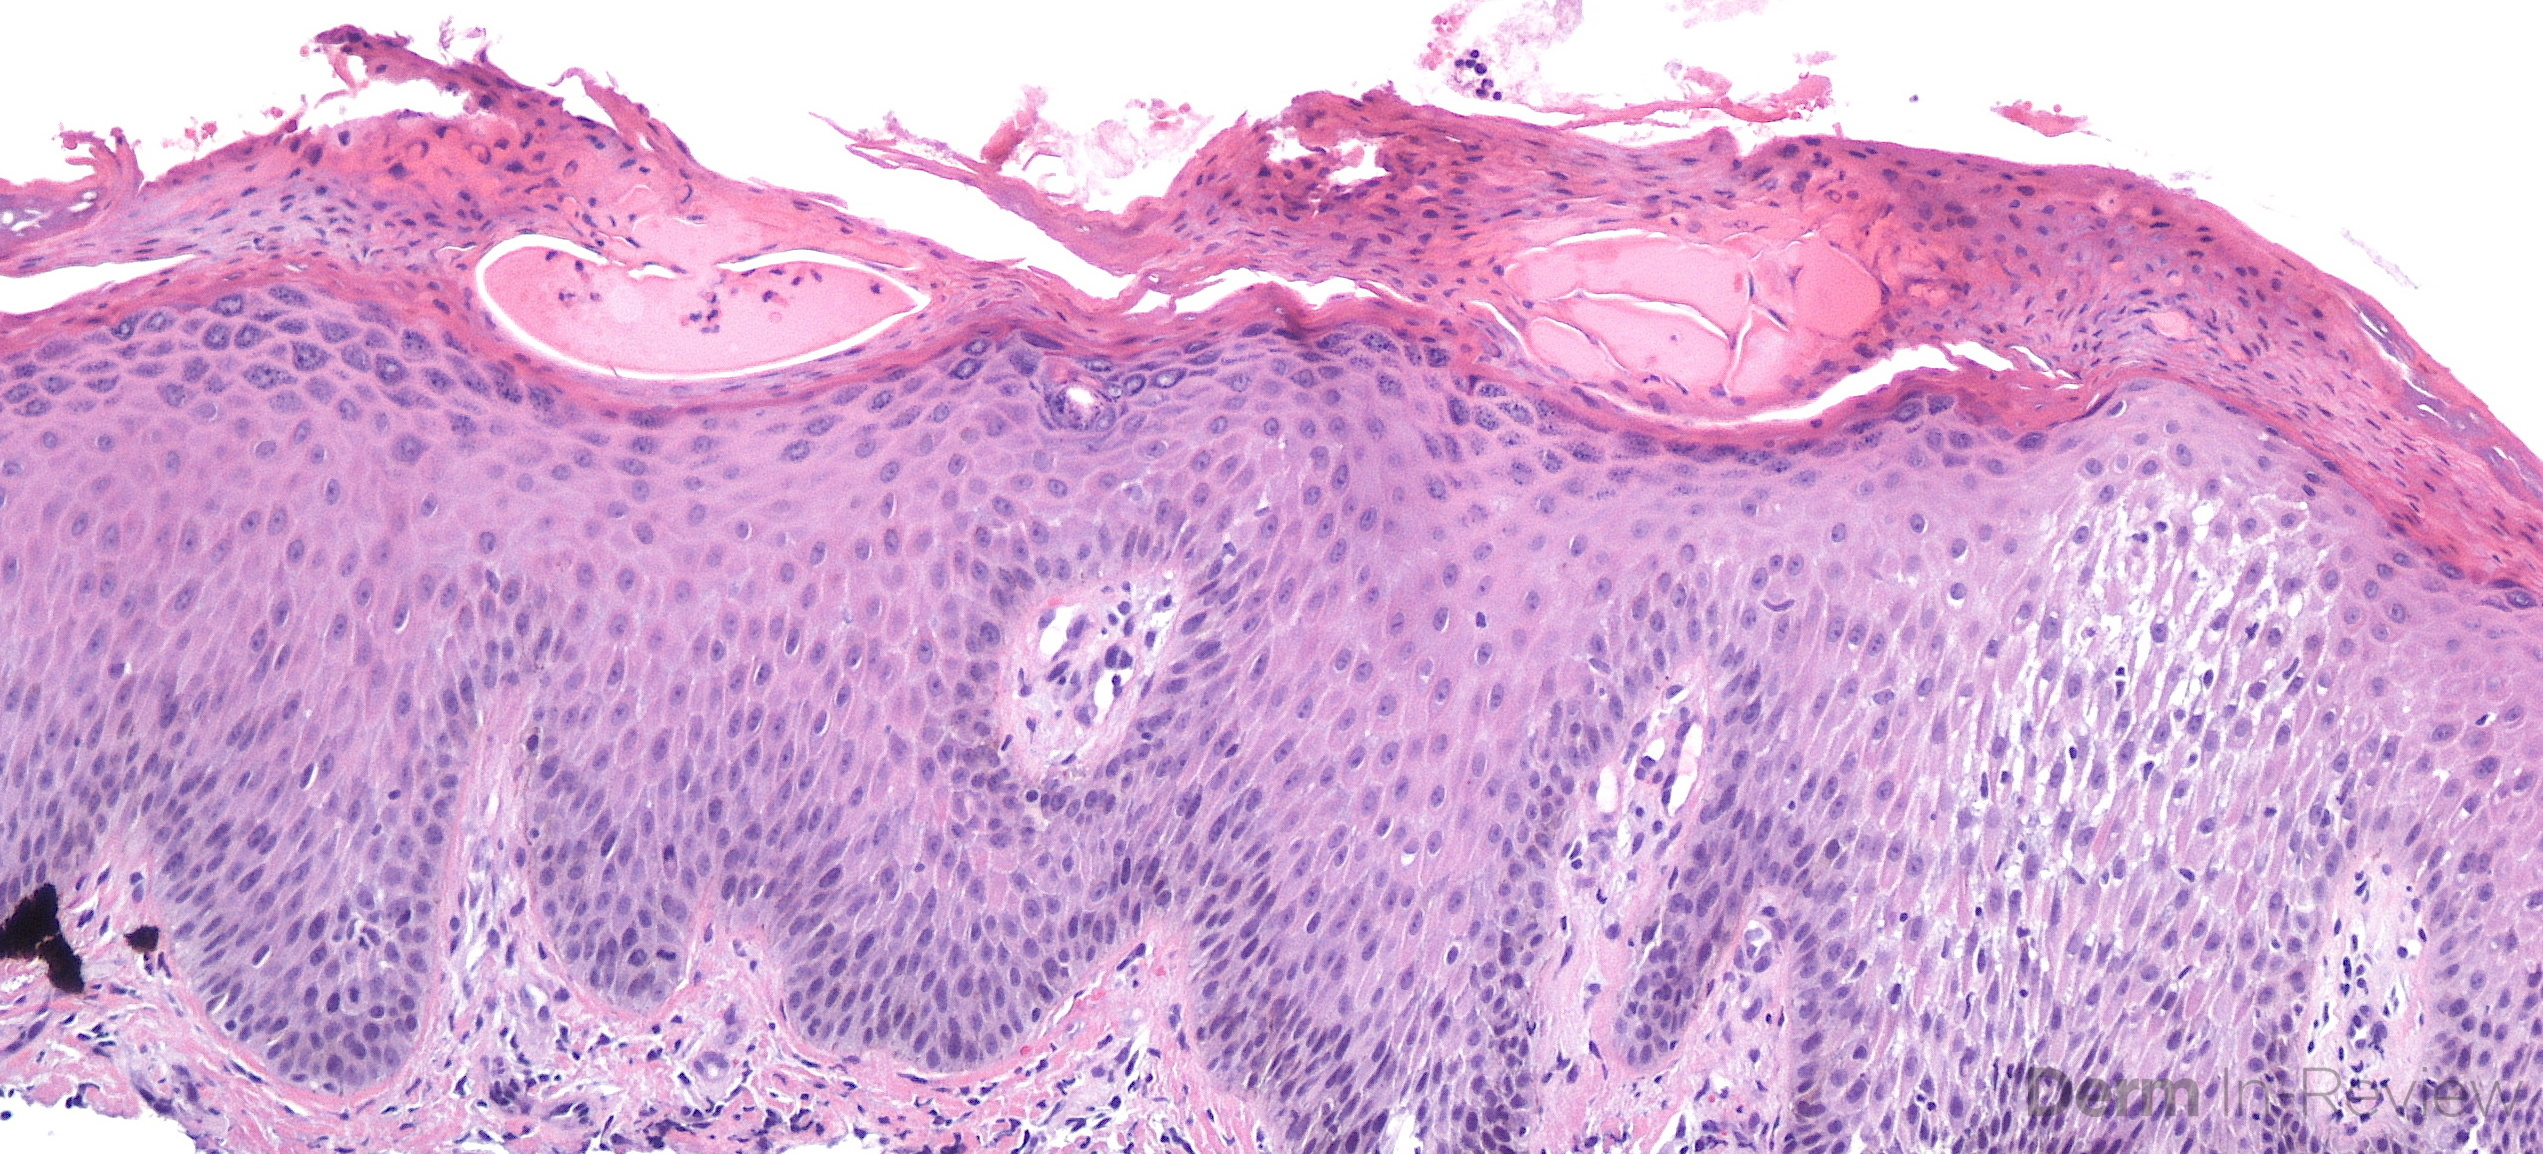 3.2 Subacute spongiotic dermatitis